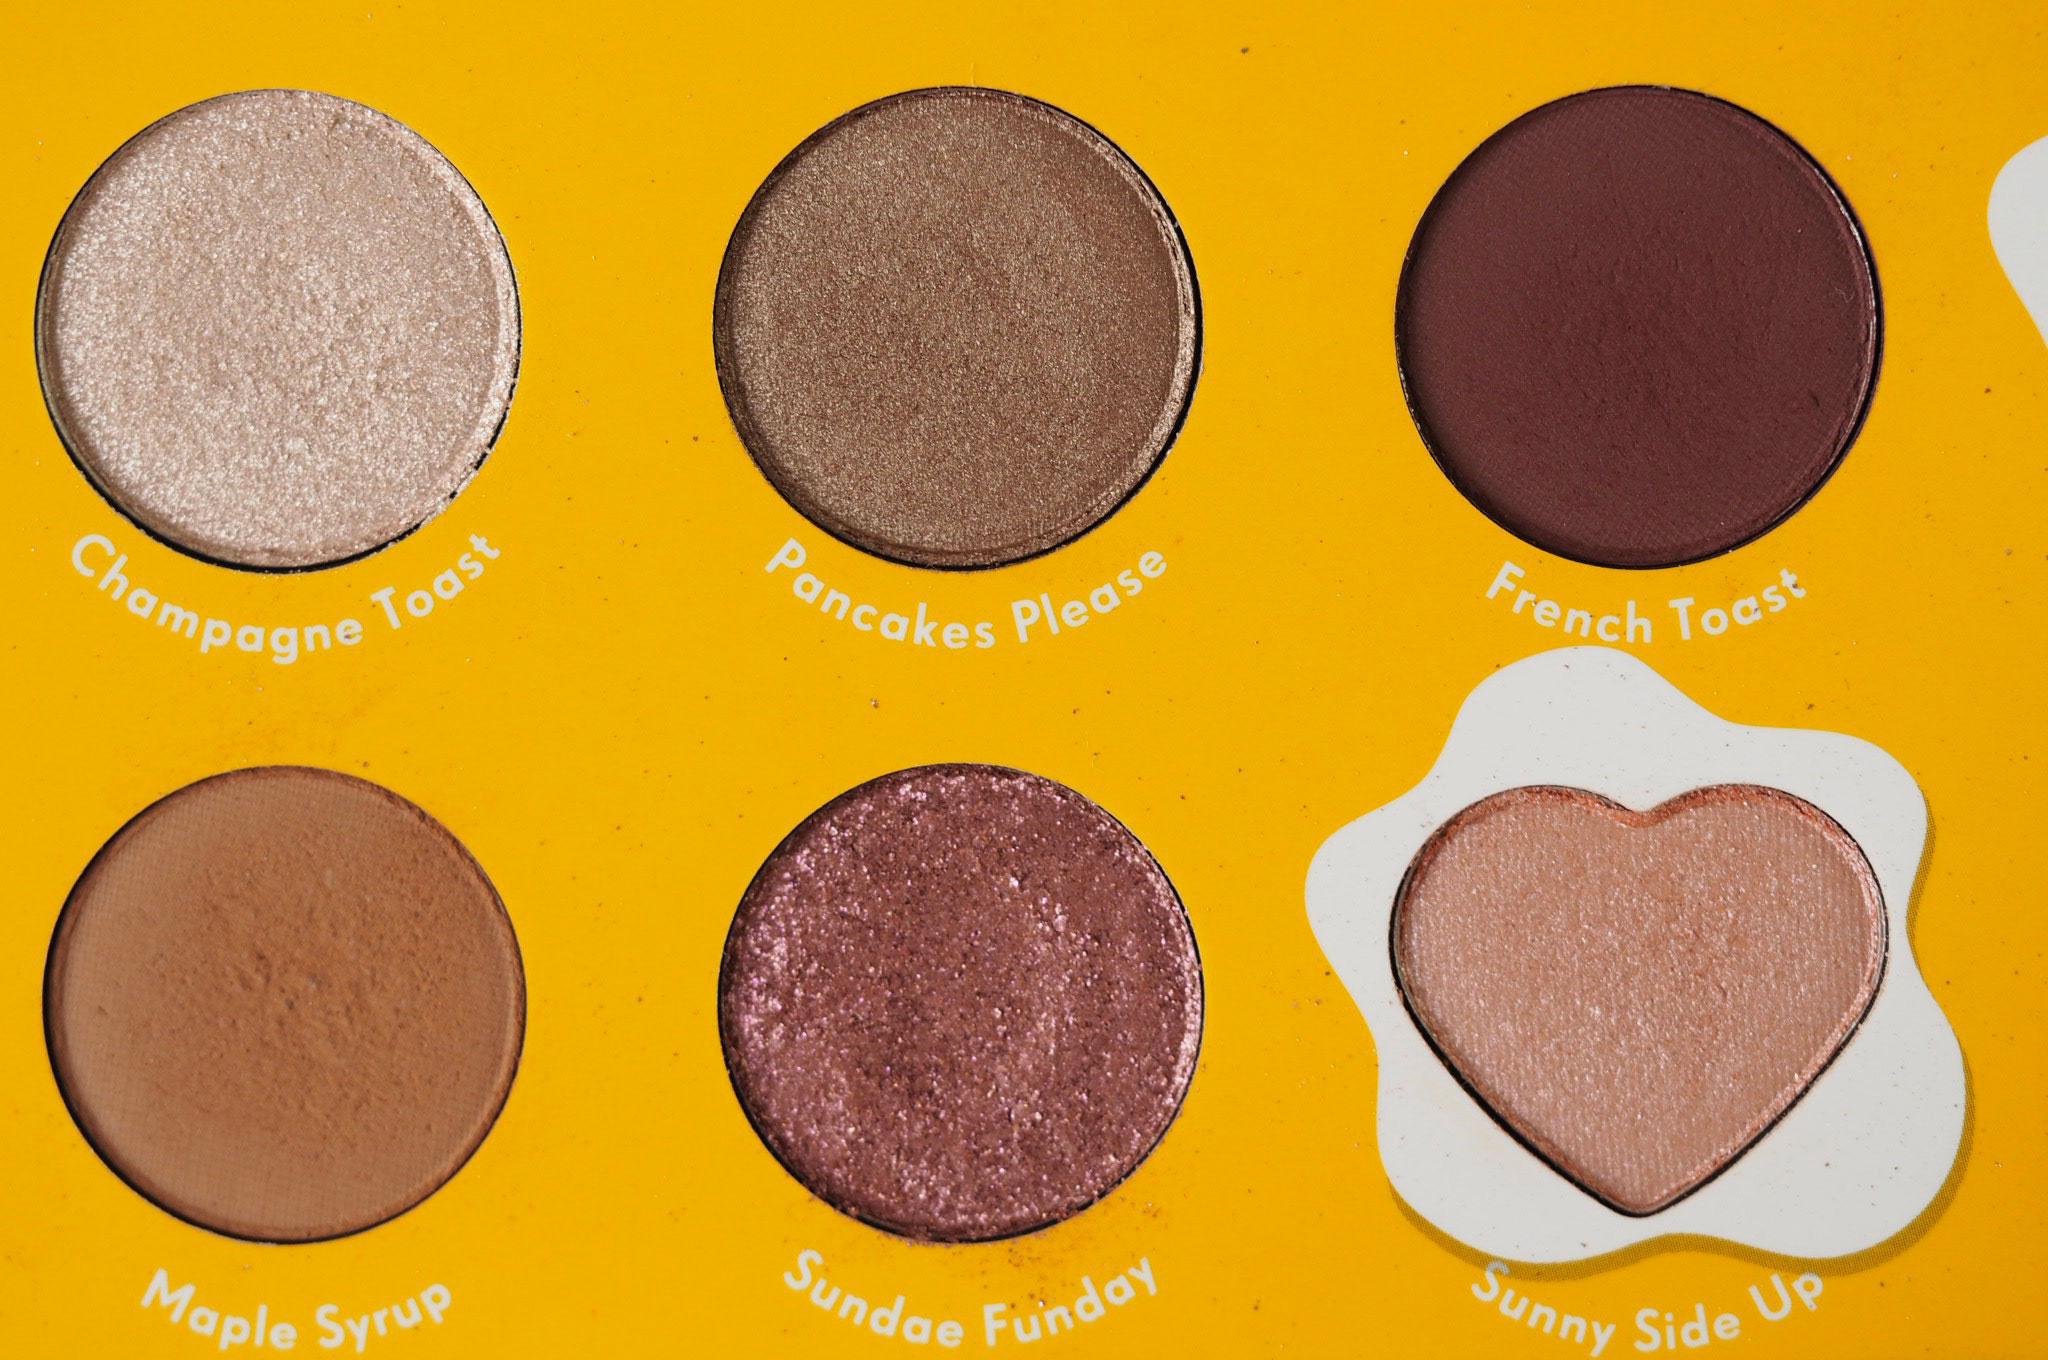 Zoella x Colourpop Brunch Date Eyeshadow Palette Shades